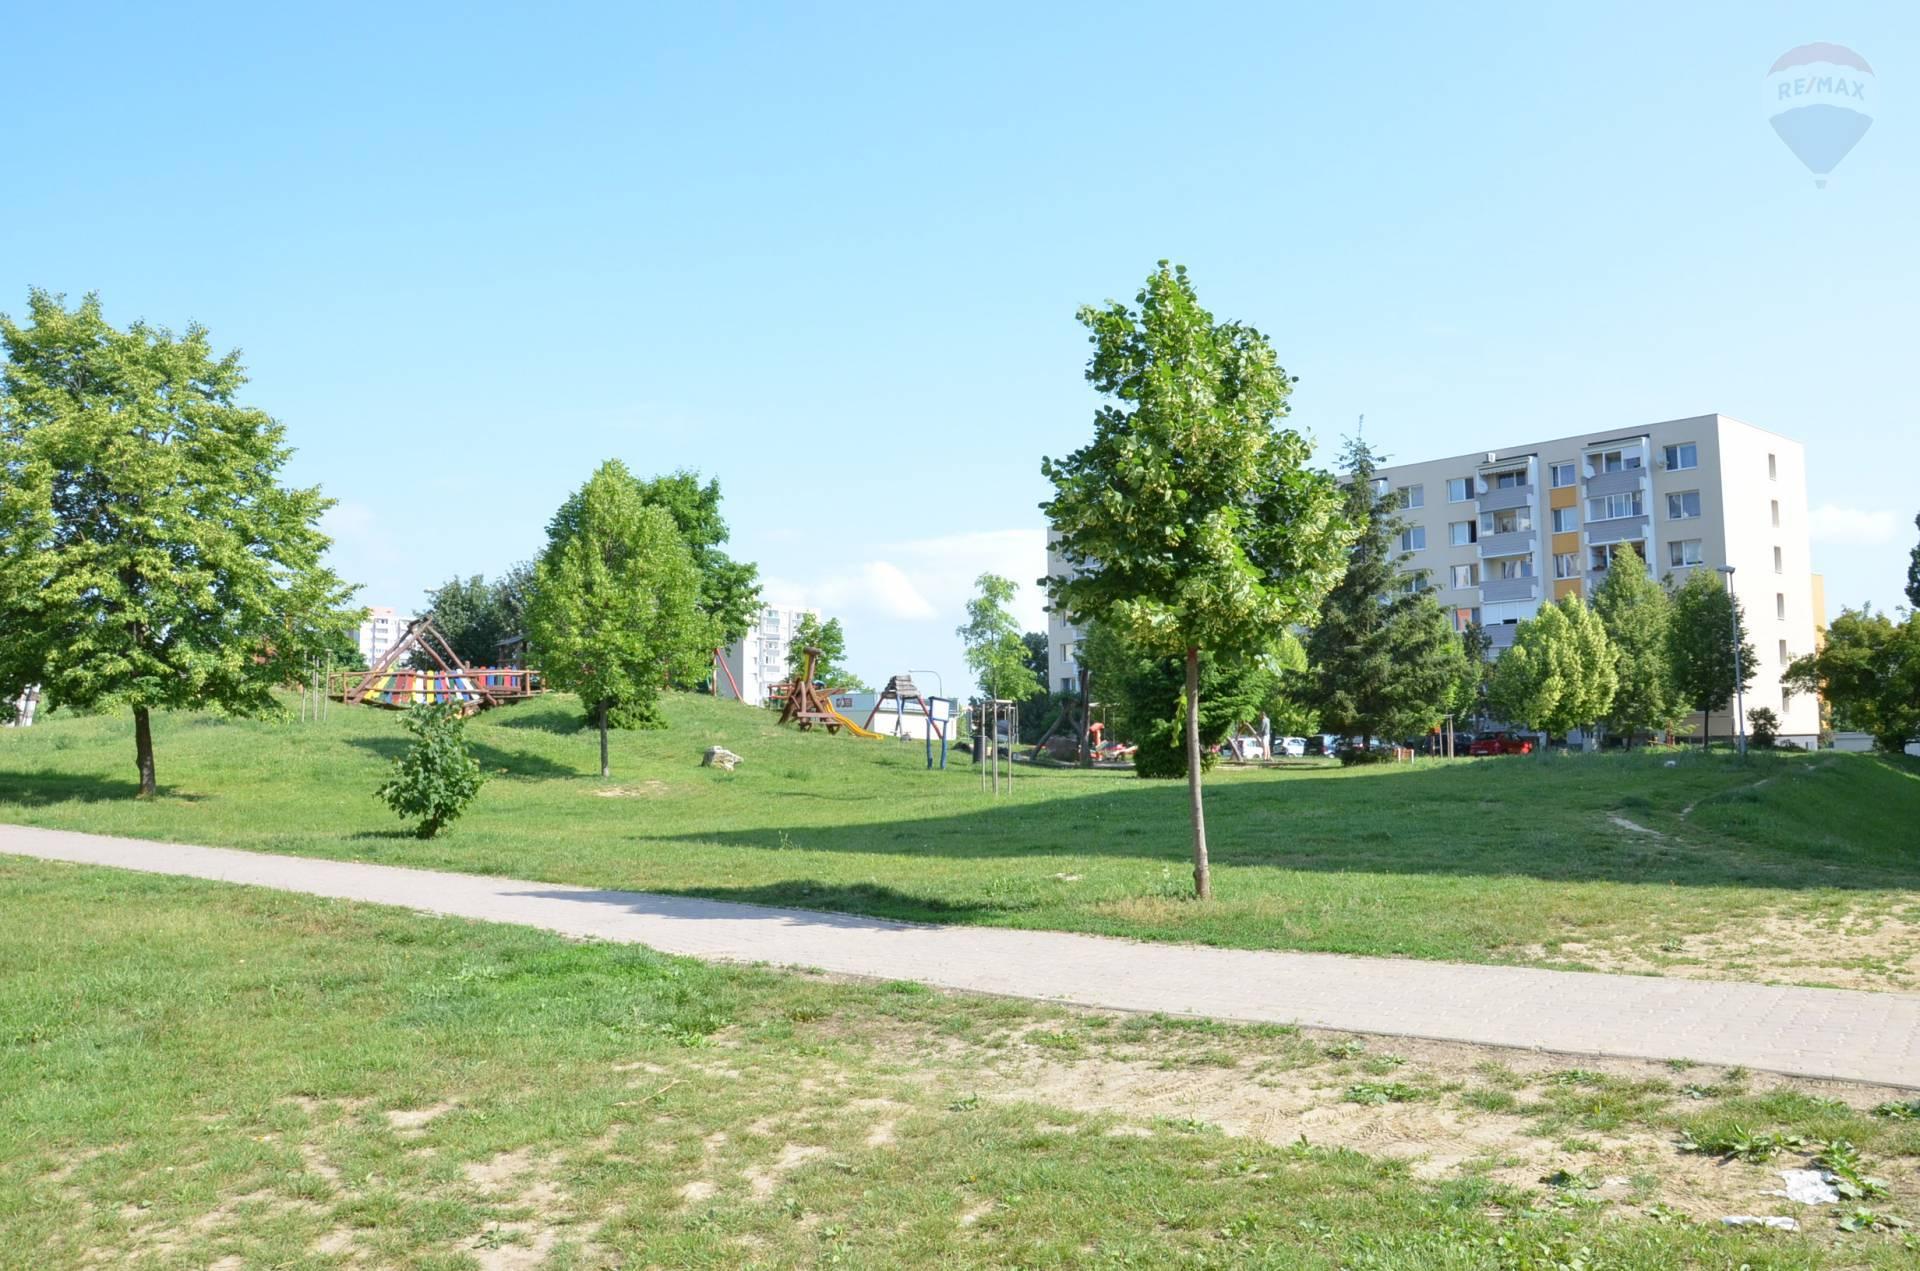 Predaj bytu (4 izbový) 86 m2, Nitra - NA PREDAJ 4 IZBOVÝ BYT, NITRA-KLOKOČINA